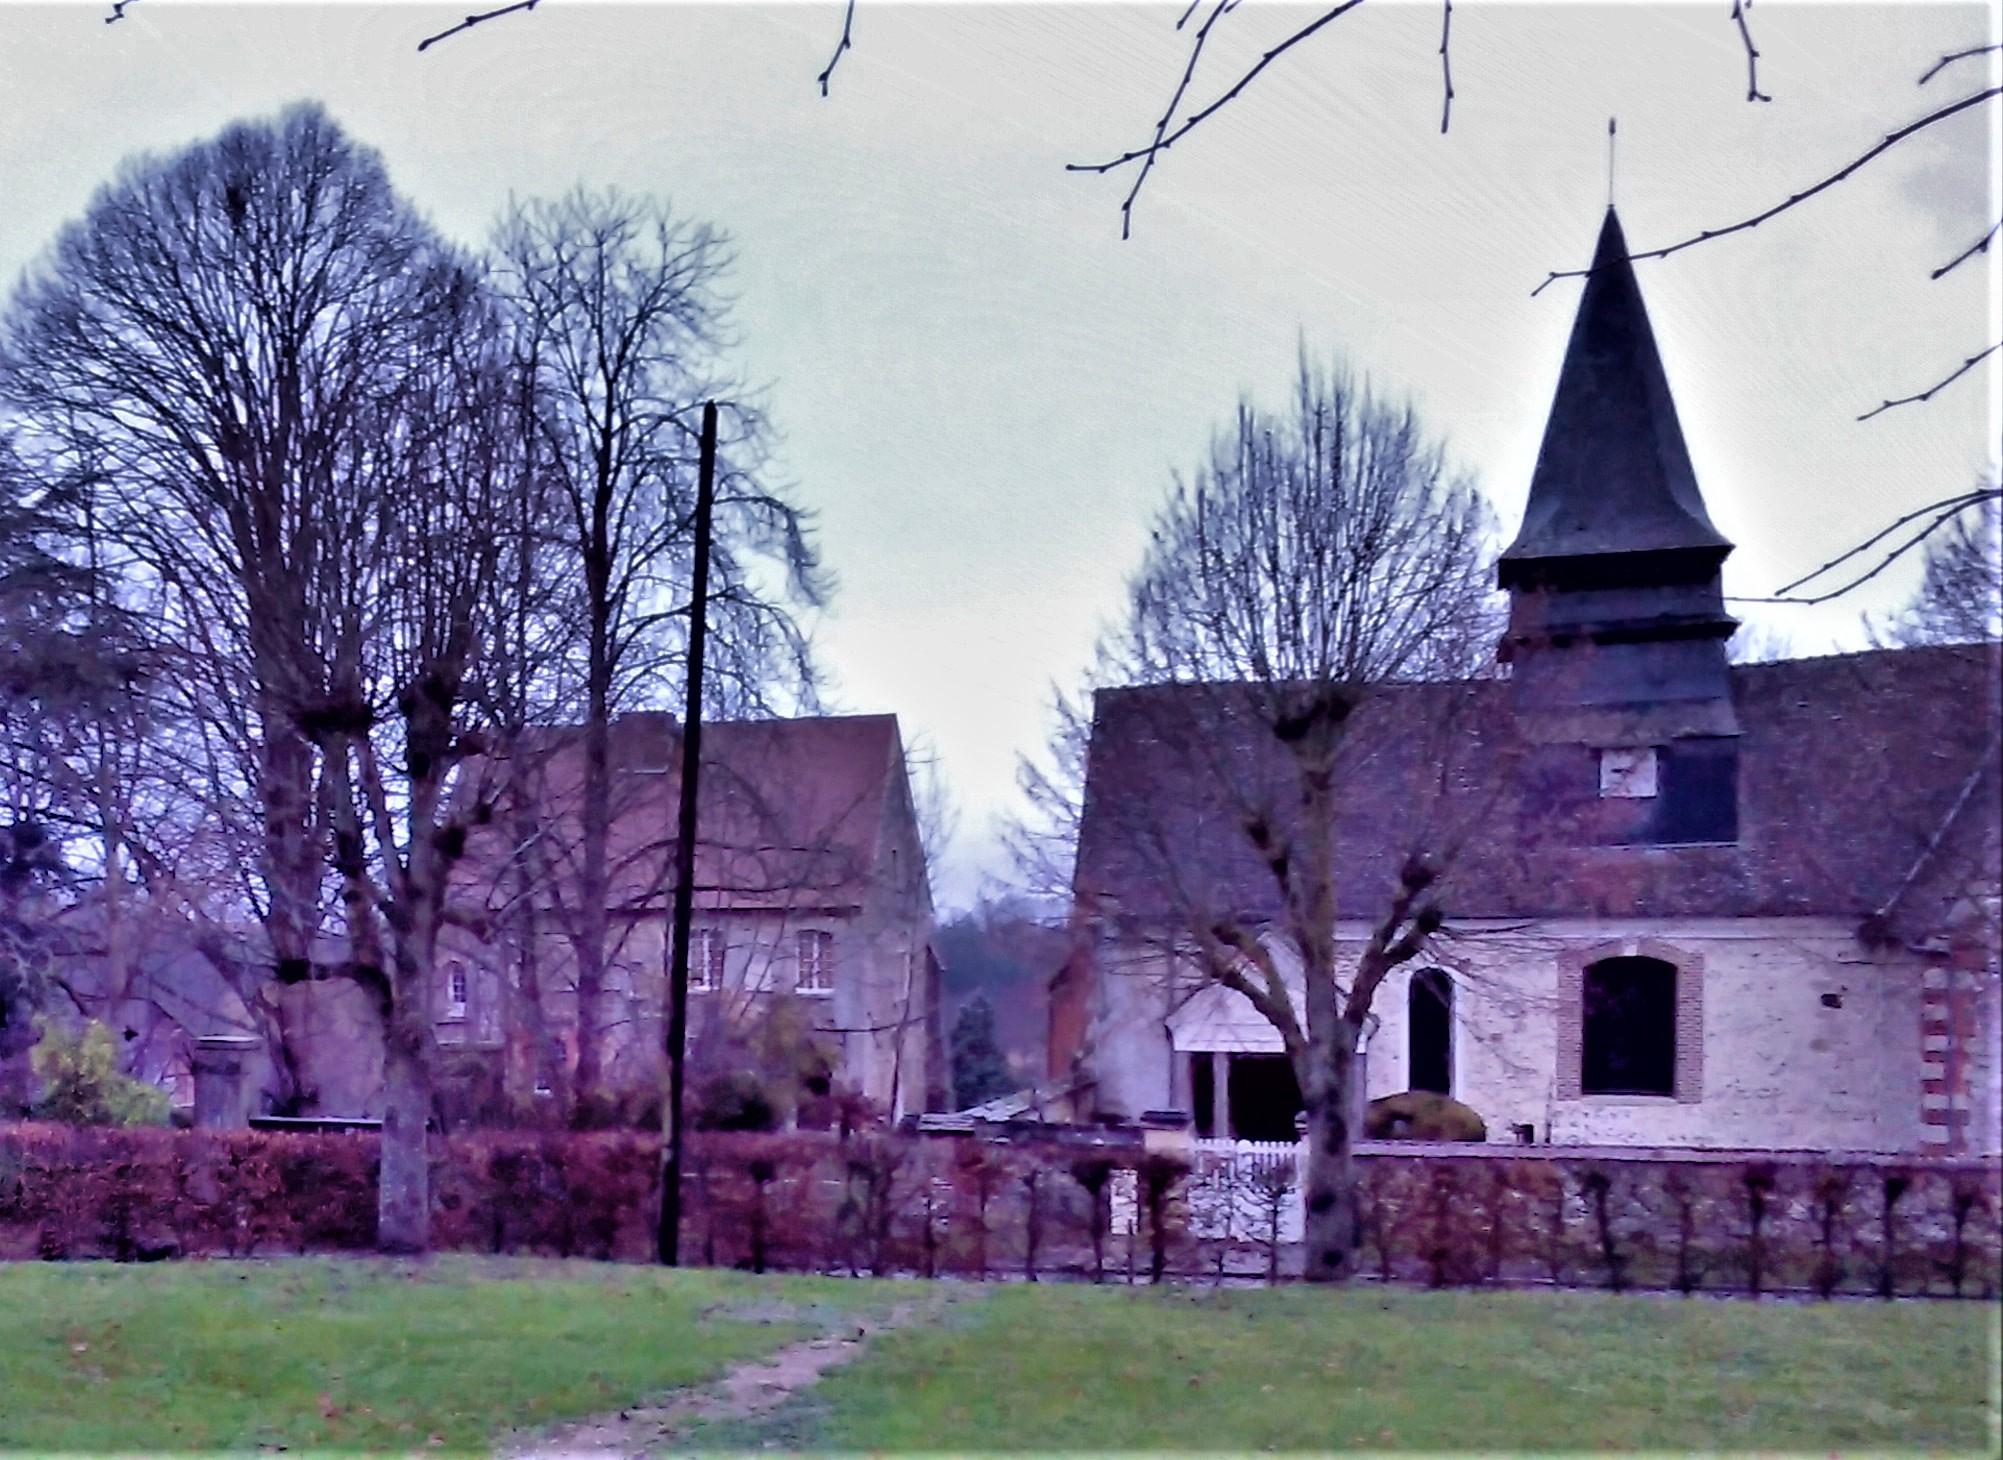 Les Caves Du Manoir manoir de chauvincourt — wikipédia